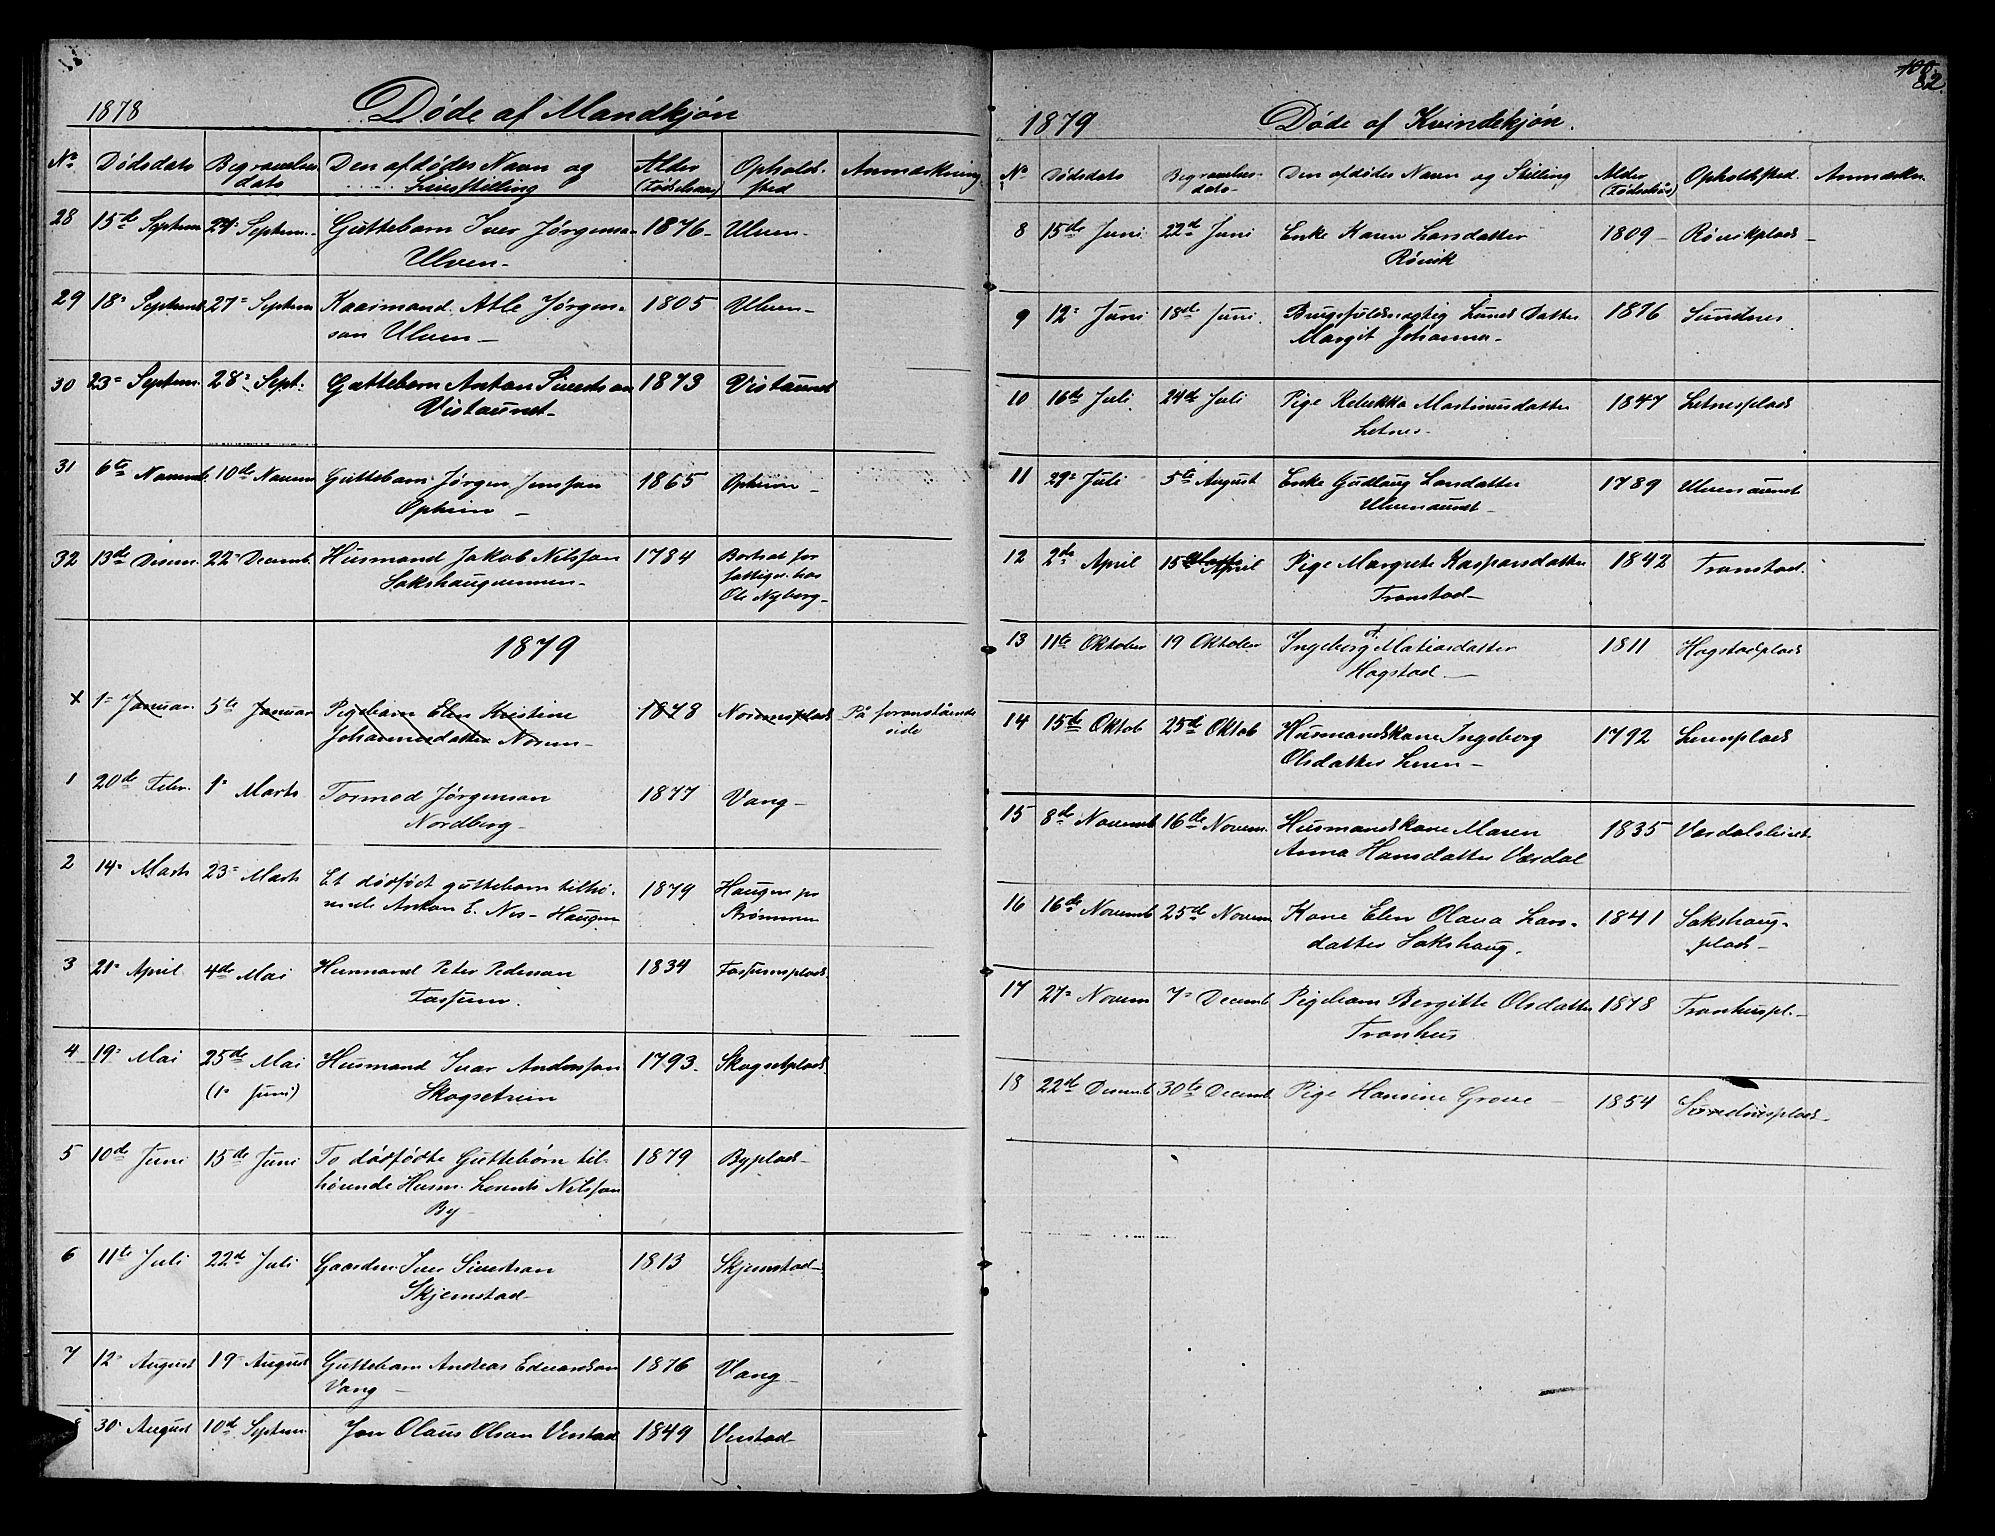 SAT, Ministerialprotokoller, klokkerbøker og fødselsregistre - Nord-Trøndelag, 730/L0300: Klokkerbok nr. 730C03, 1872-1879, s. 82